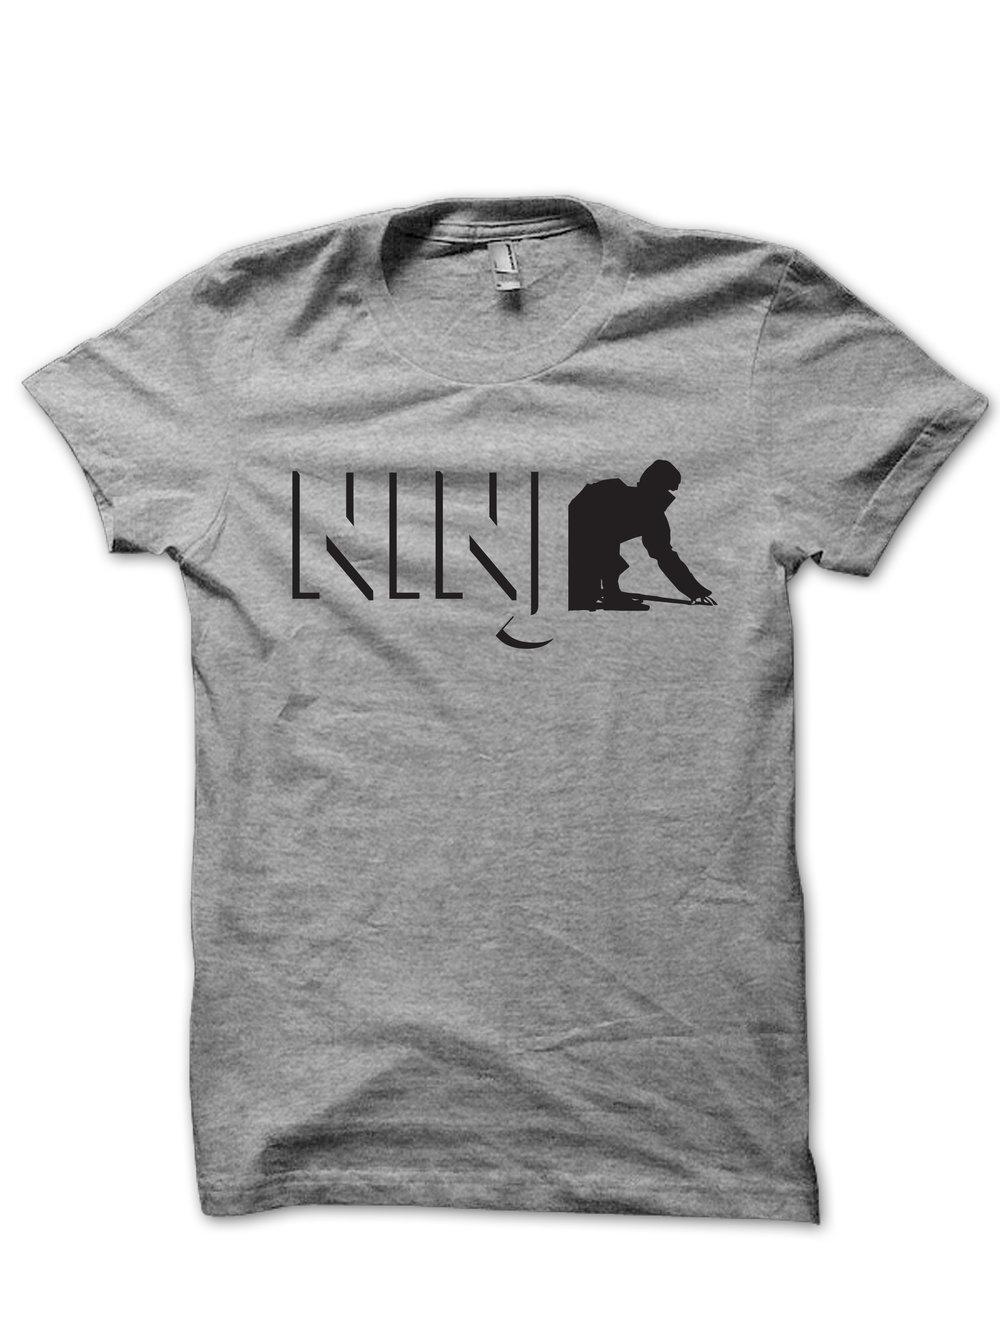 Ninja Shirt A no OL.jpg